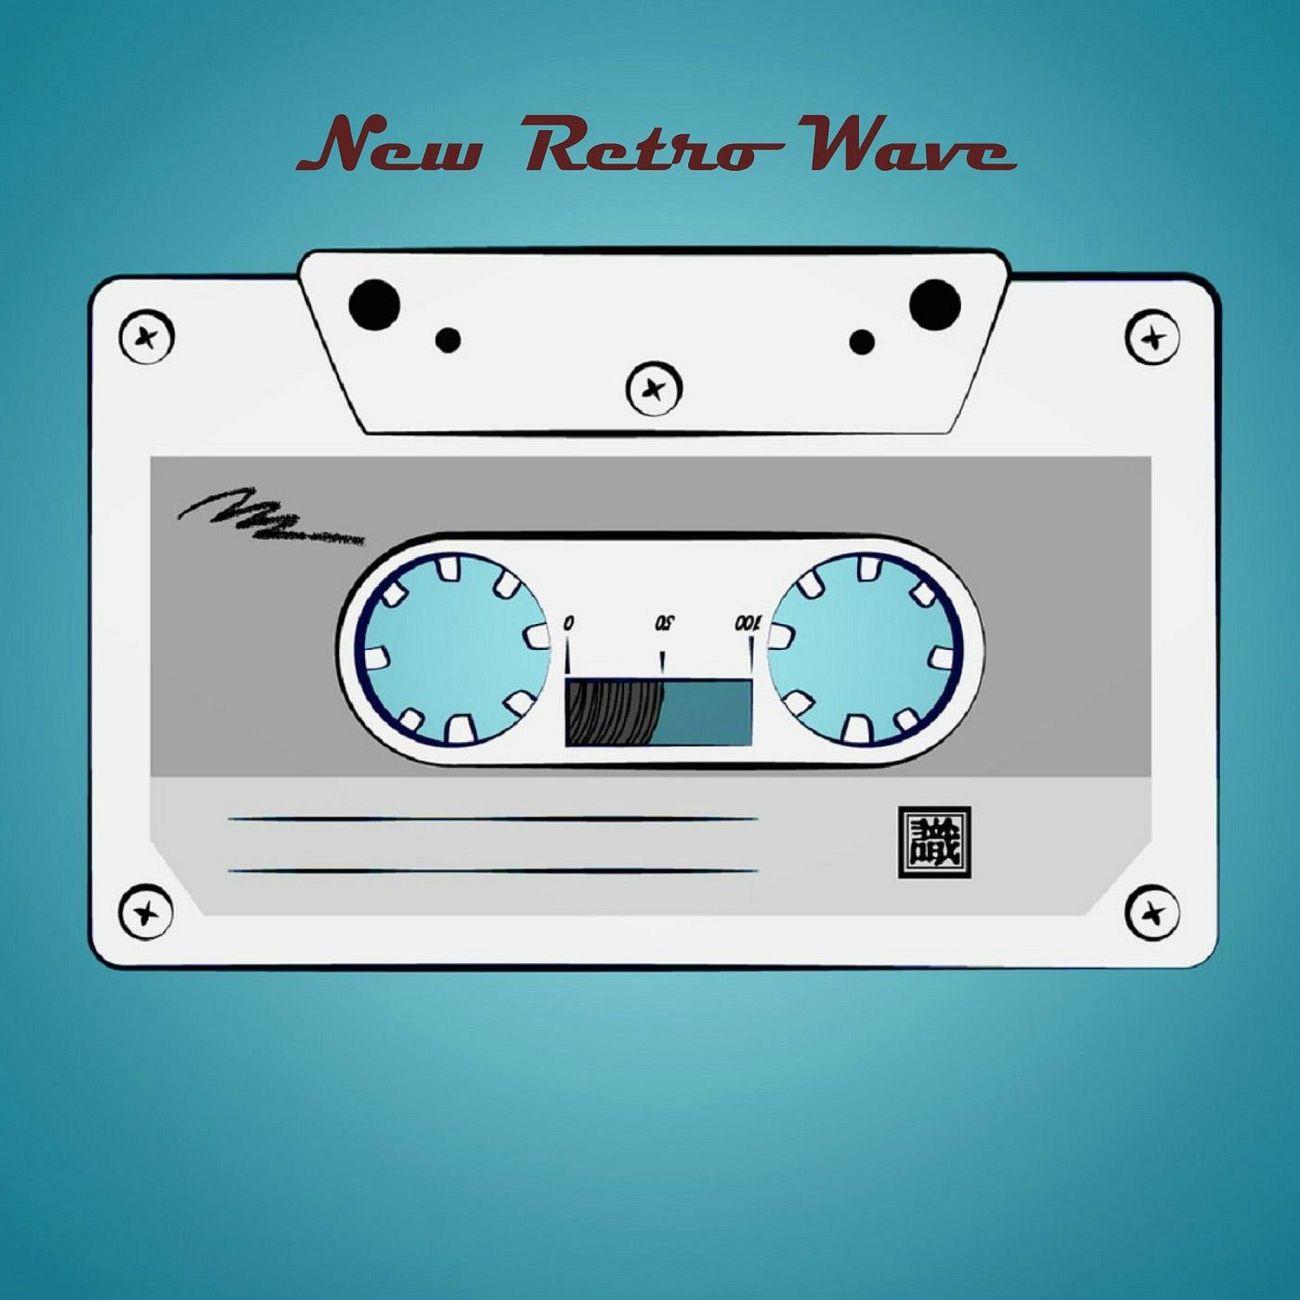 New Retro Wave